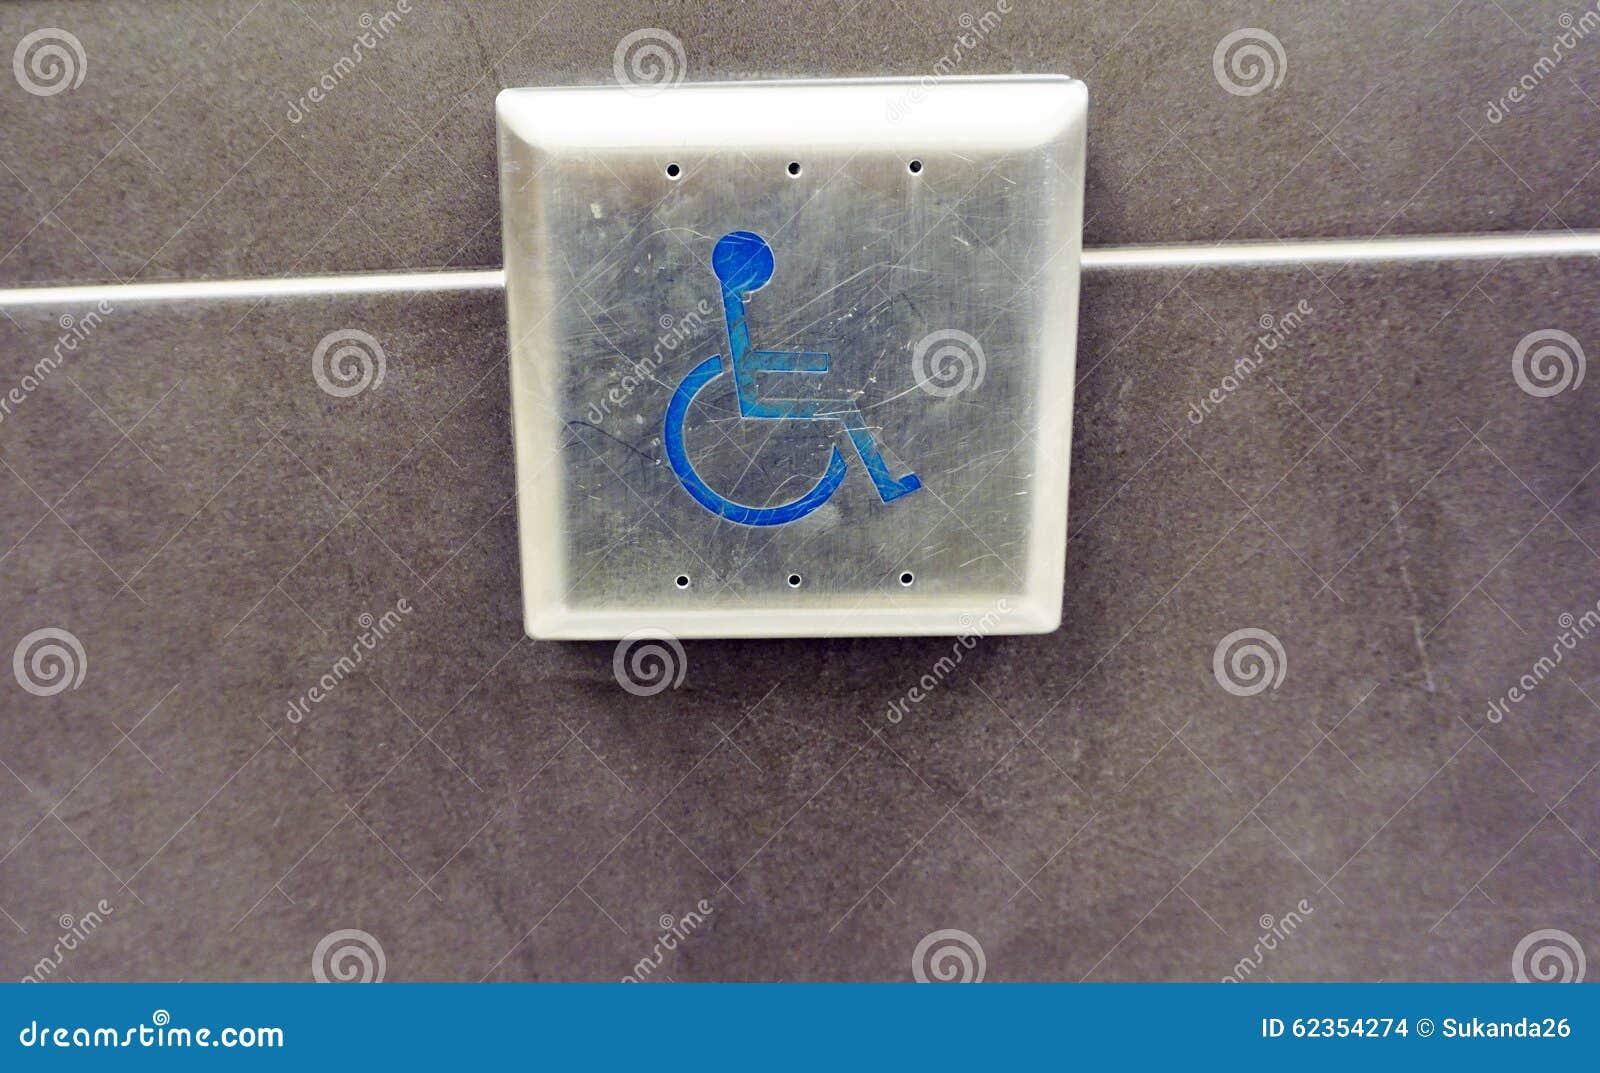 Ouvreur De Porte De Bouton Poussoir D 39 Handicap Photo Stock